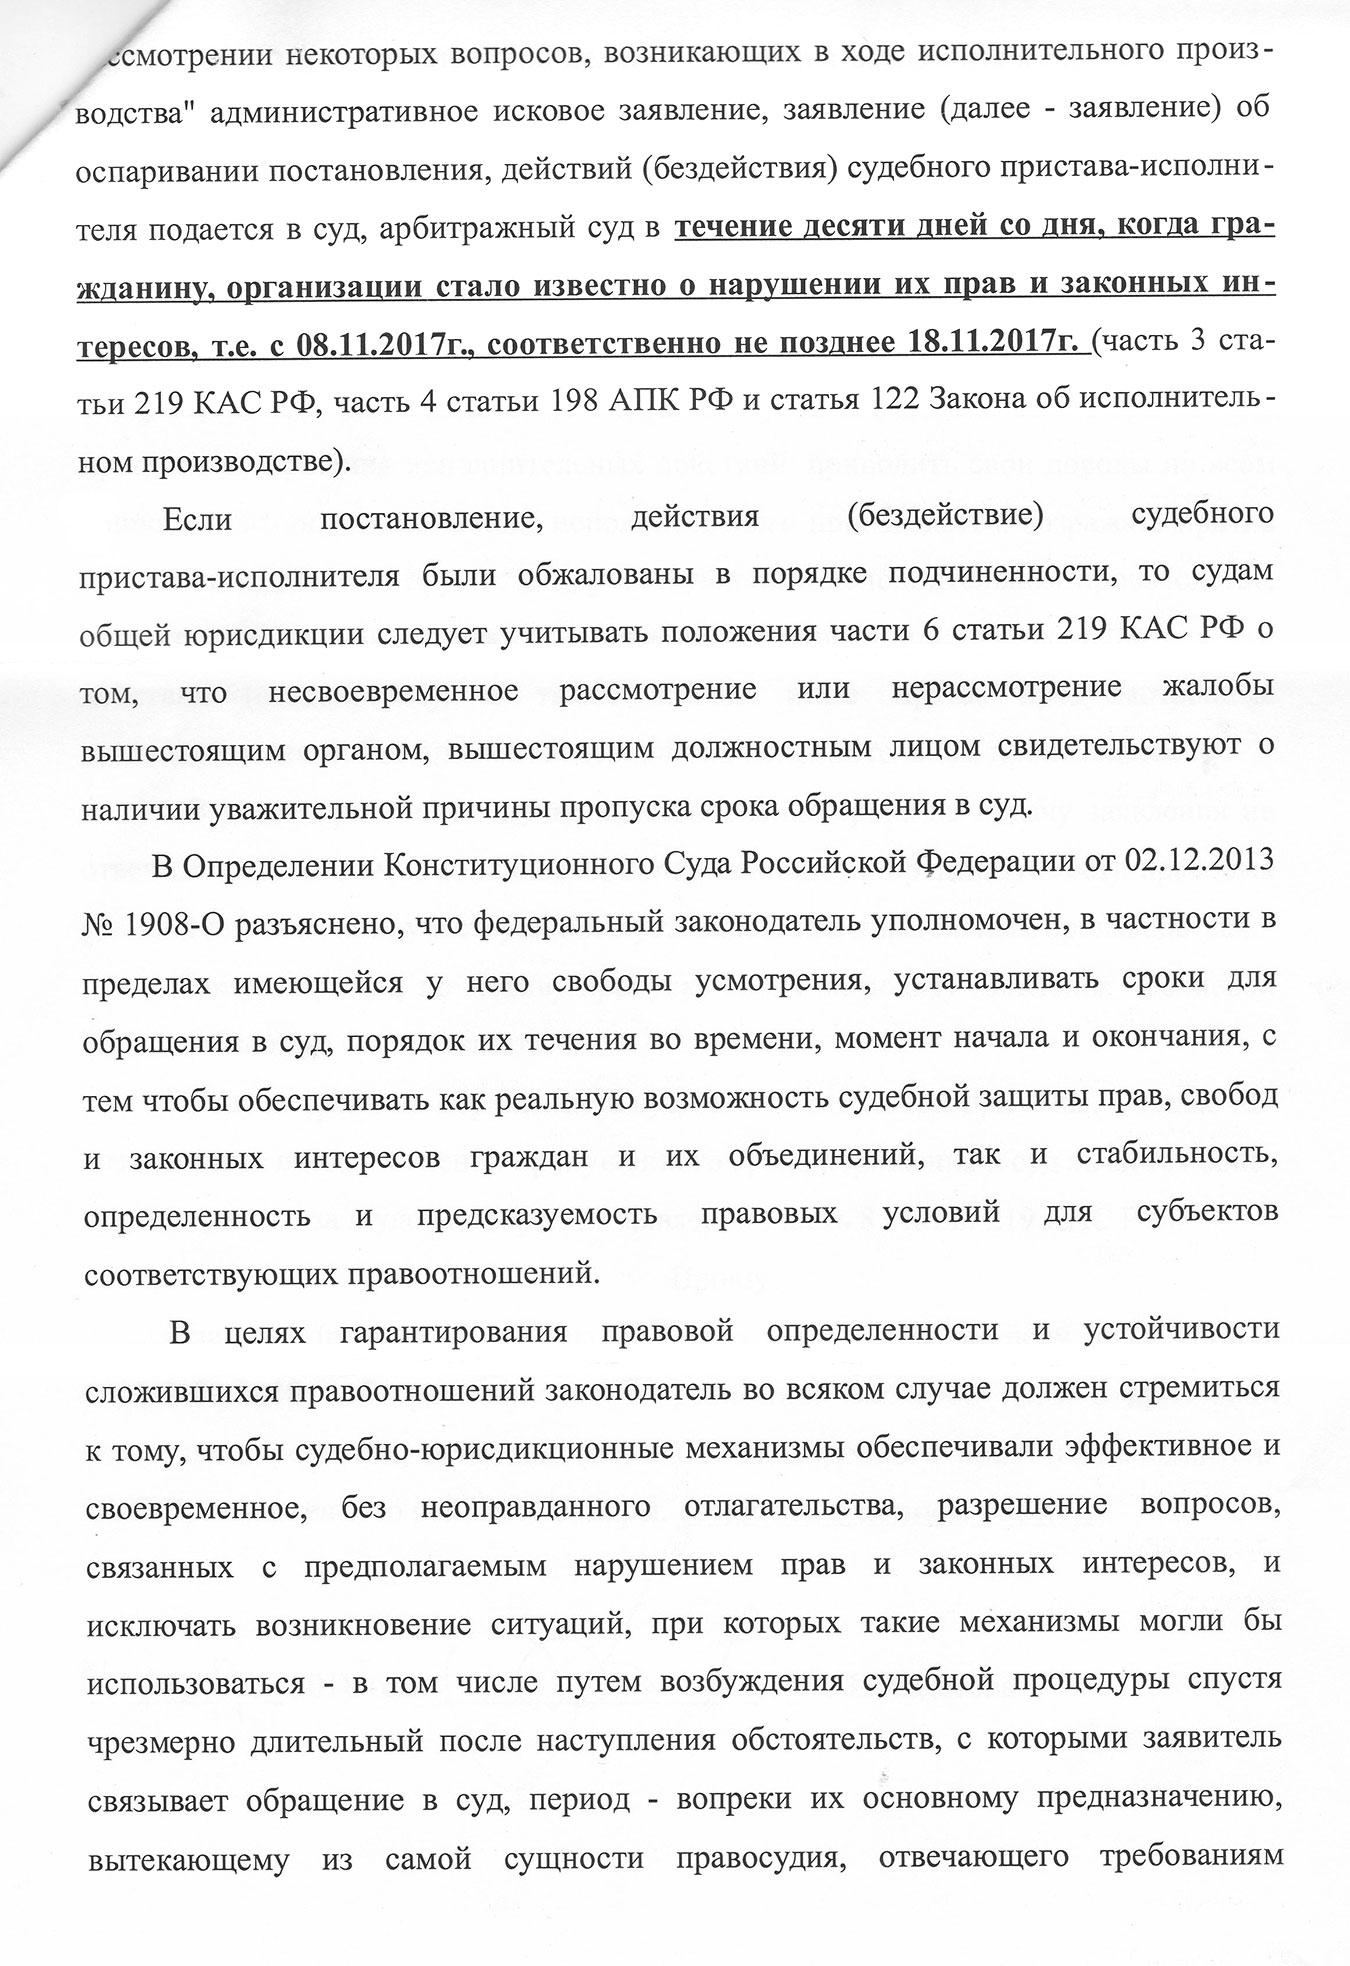 Приставы не согласились с решением суда и подали апелляционную жалобу. Они считали, что Юлия пропустила срок на подачу административного иска